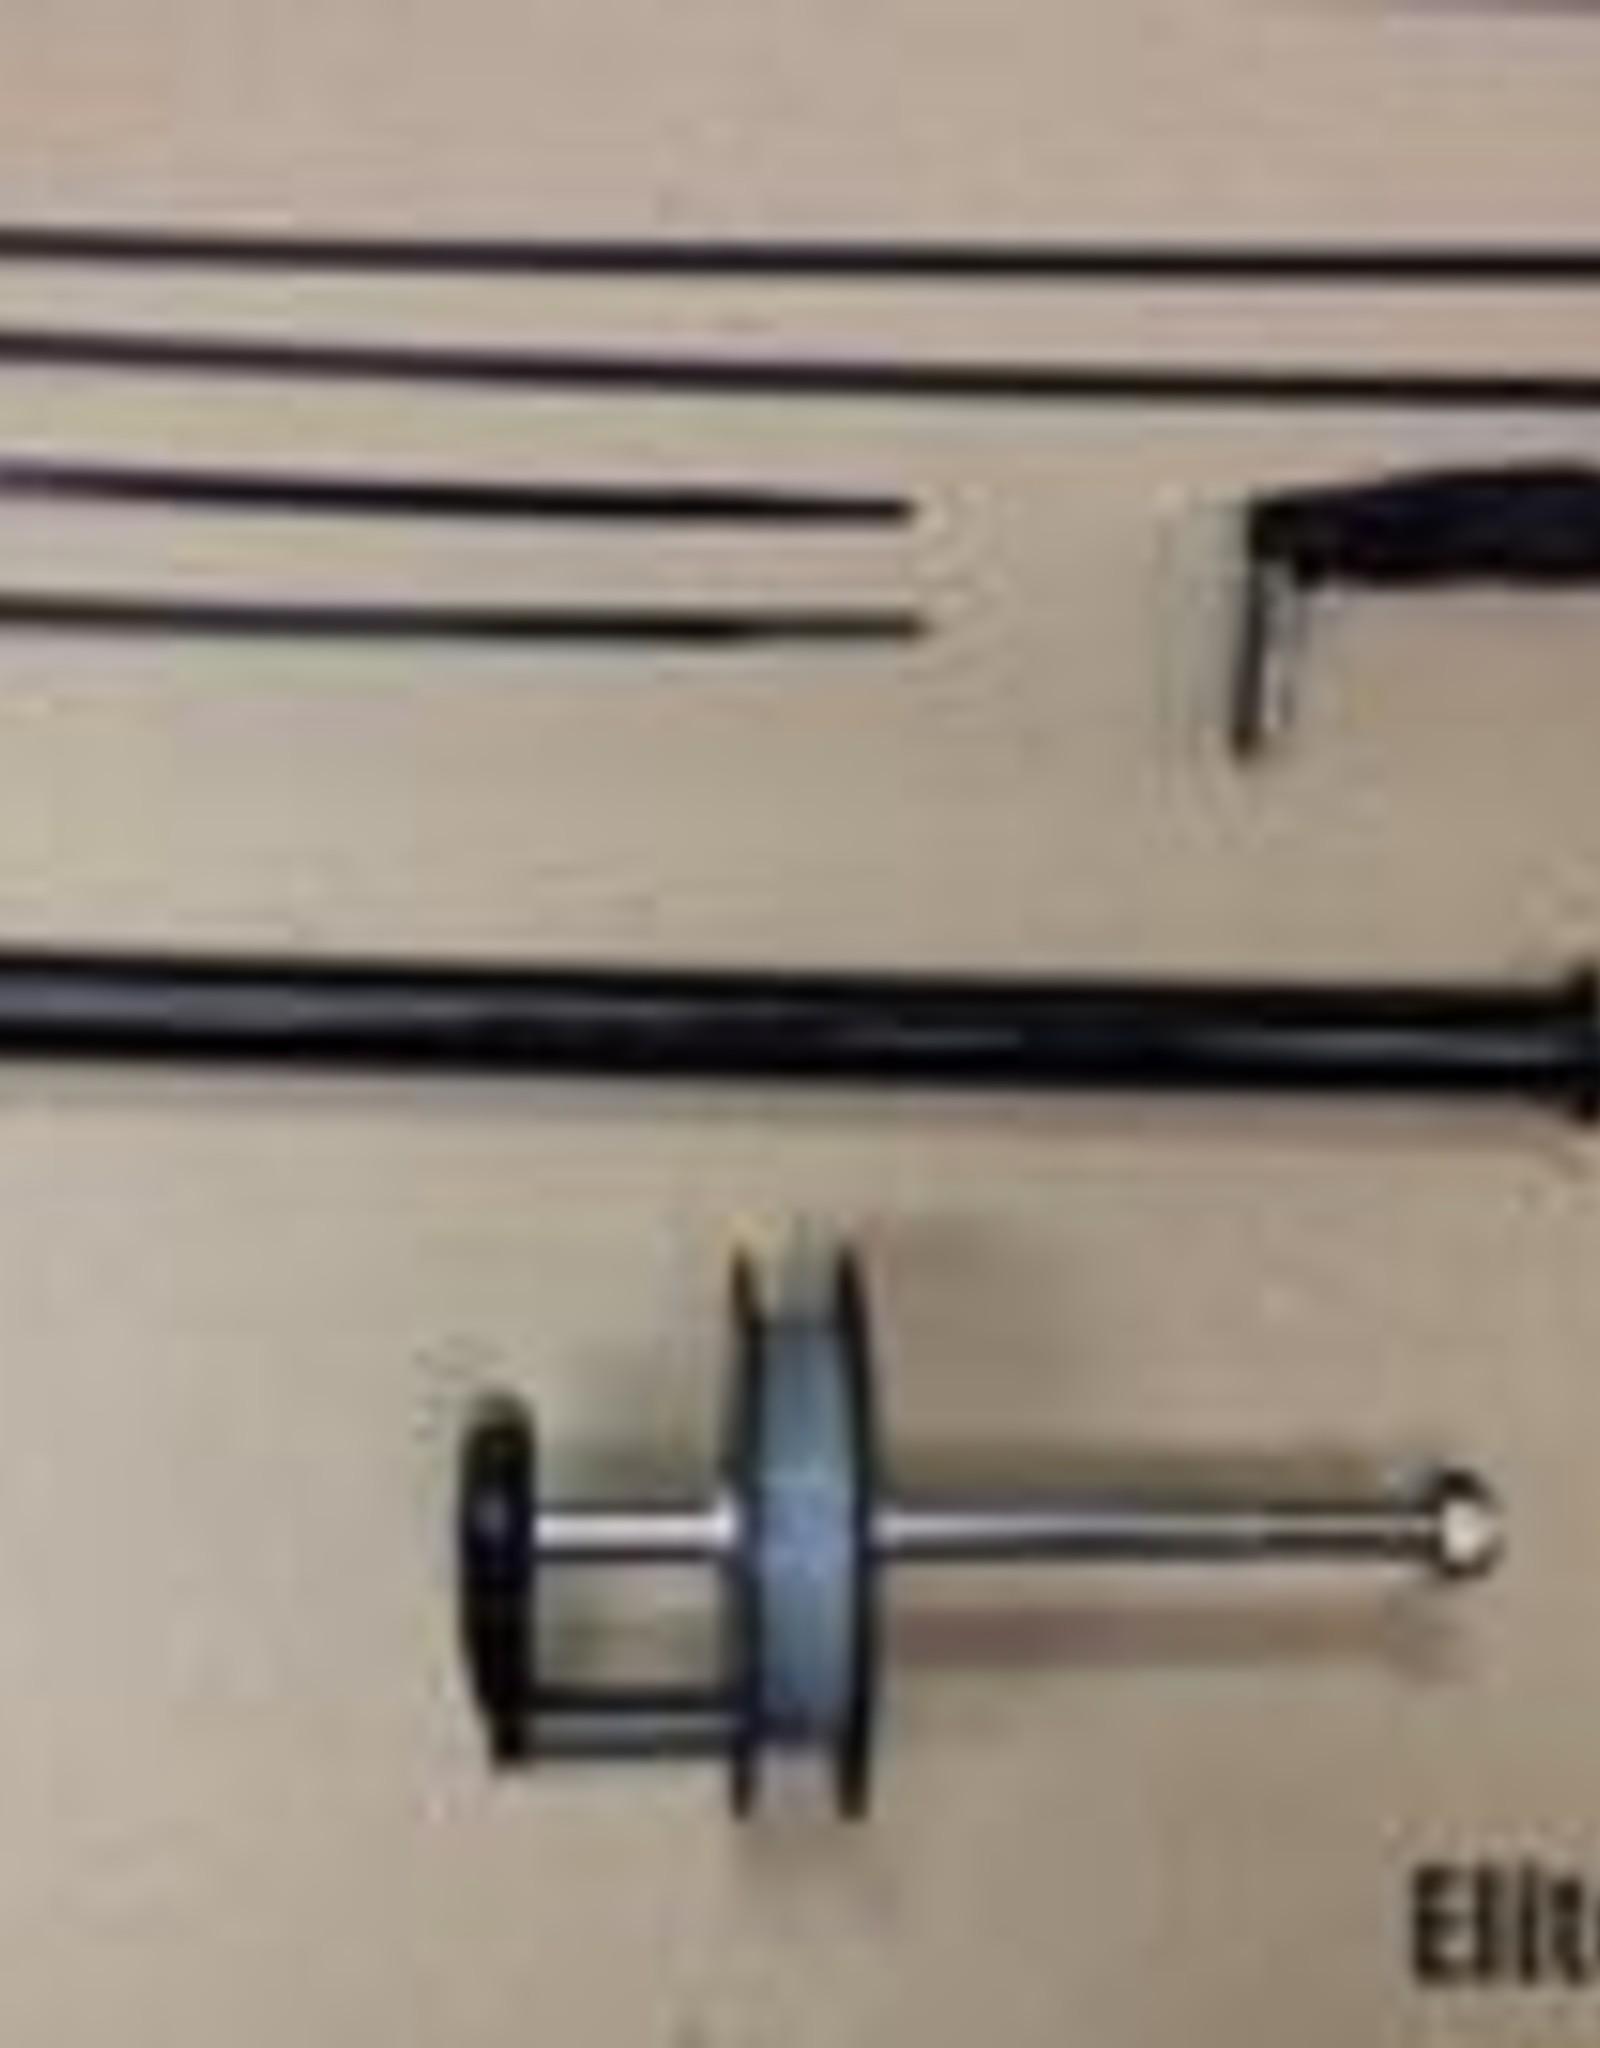 Terracycle Catrike Completer Idler Kit